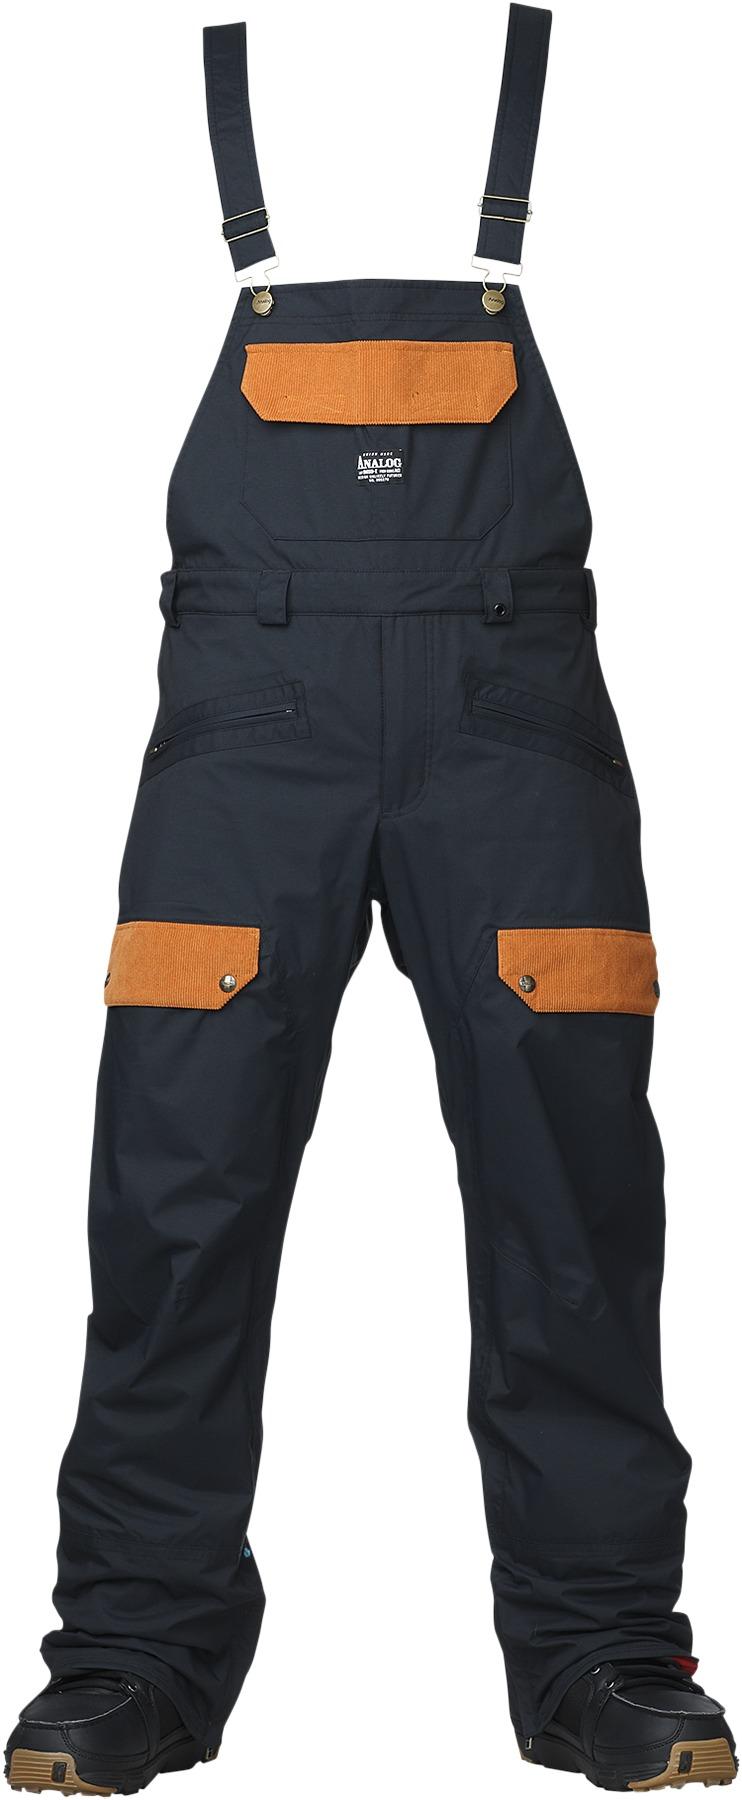 Spodnie Snowboardowe Analog Alder Bib (True Black)